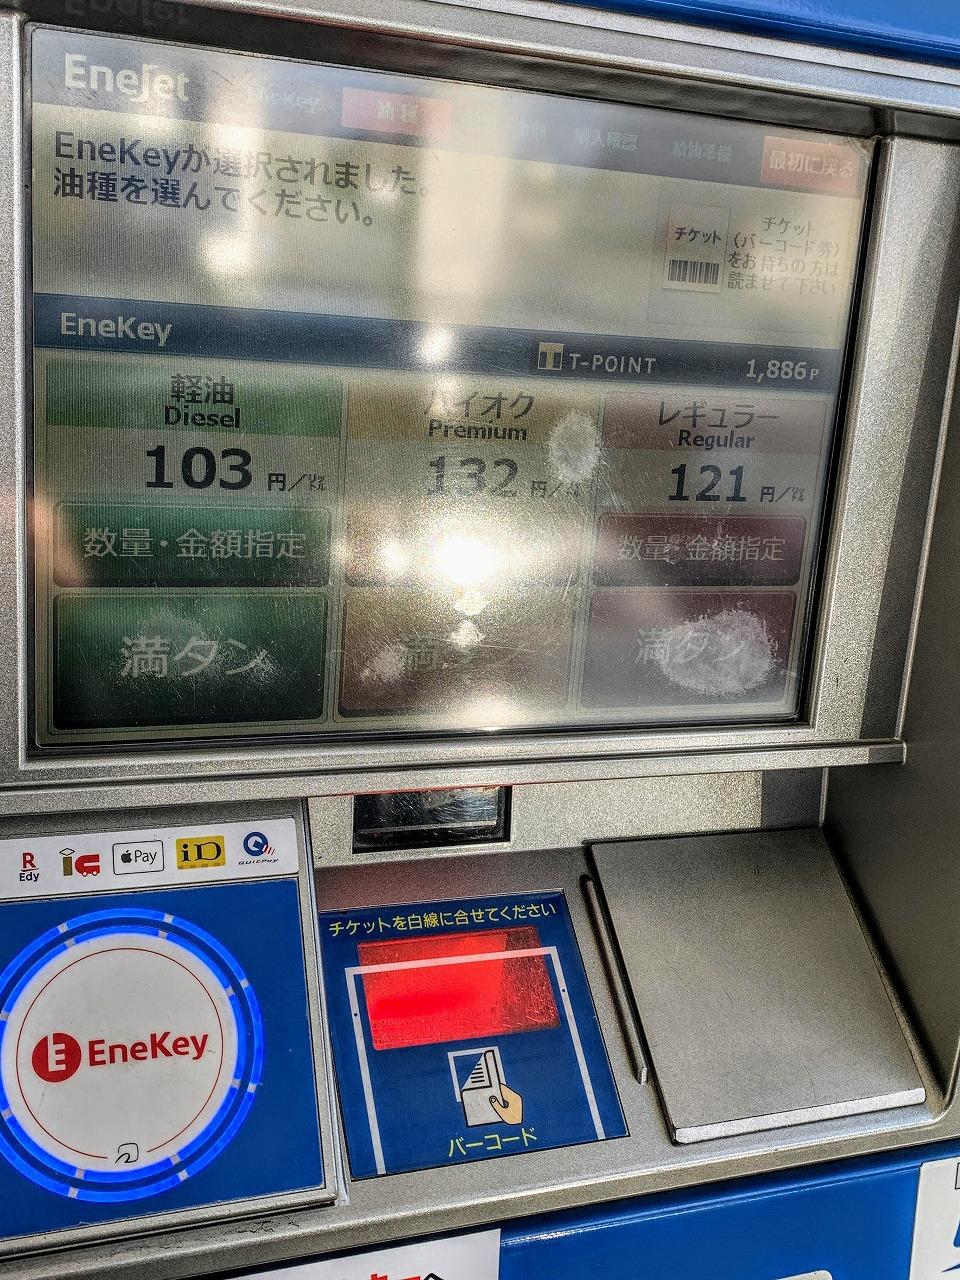 ガソリンが近年最安値になりました^^過去のアルピナD4やBMW4シリーズグランクーペに給油した際のガソリン単価を振り返る♪